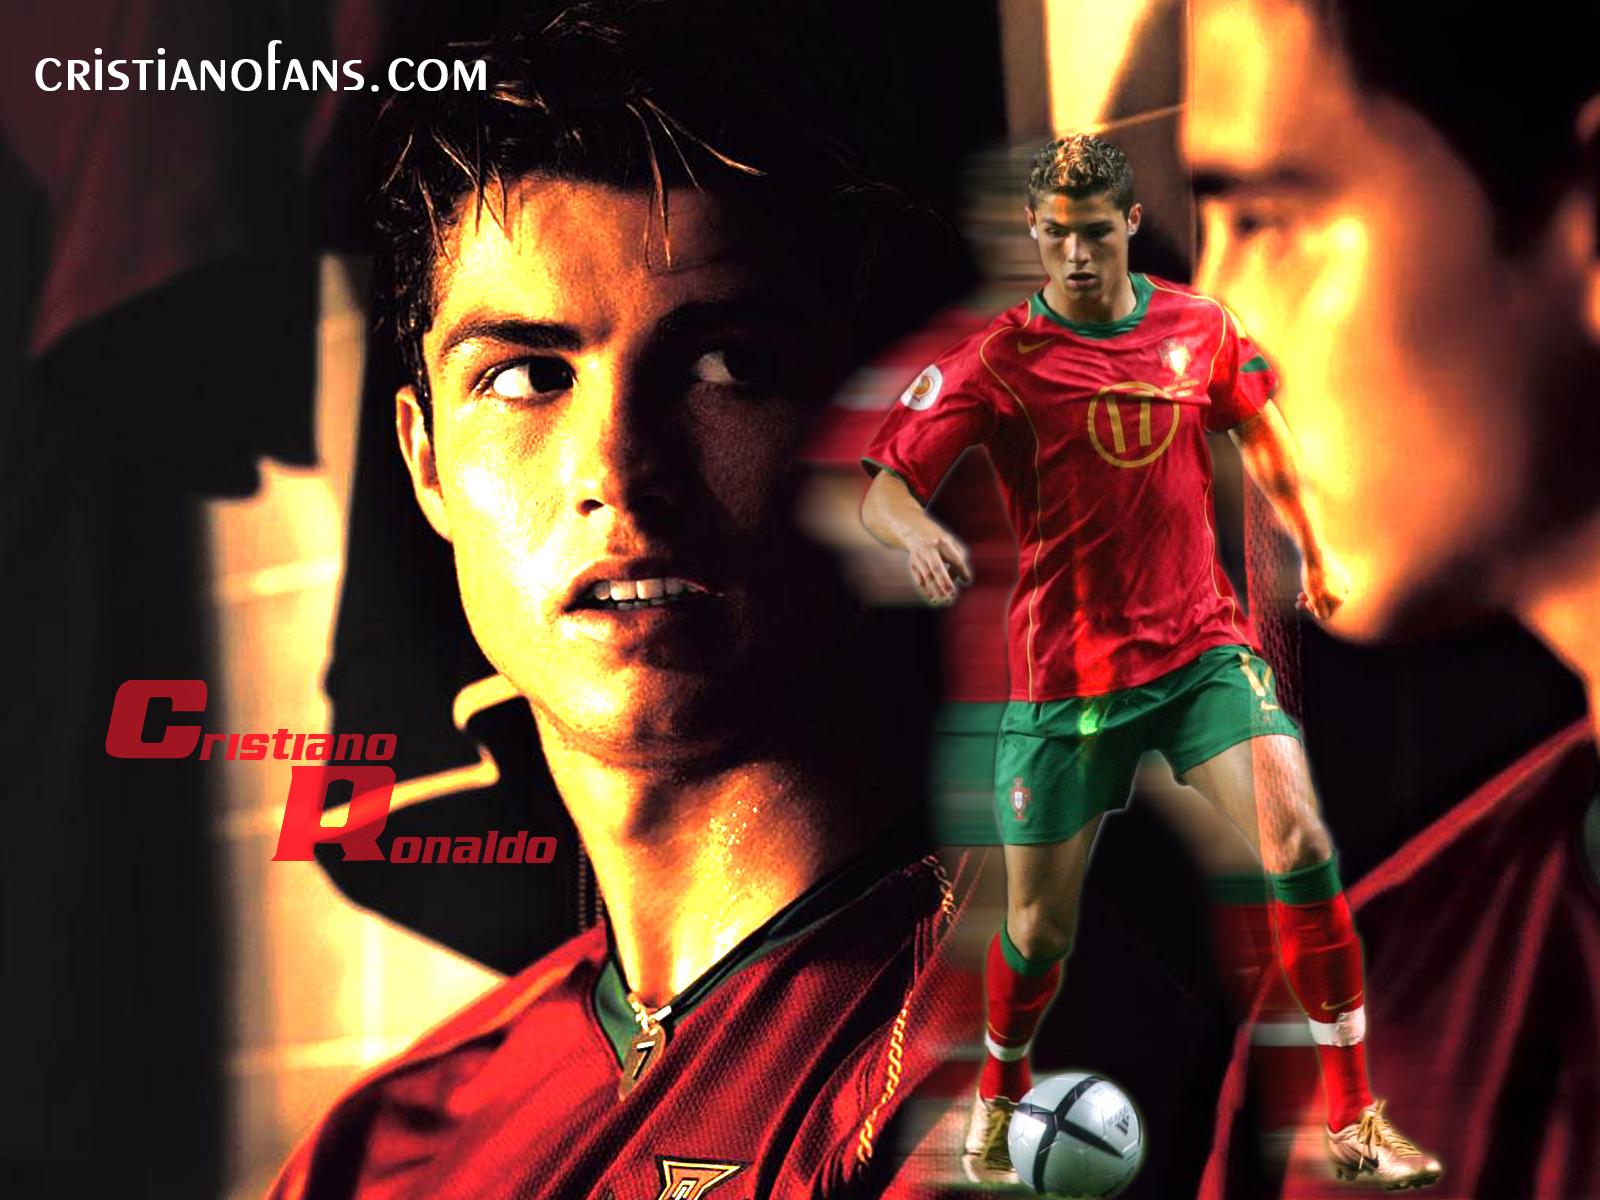 http://4.bp.blogspot.com/-OO66bgbFt1c/Tdigsy5EmqI/AAAAAAAABRM/XdXffCzU5mI/s1600/Cristiano-Ronaldo-Wallpaper-015.jpg